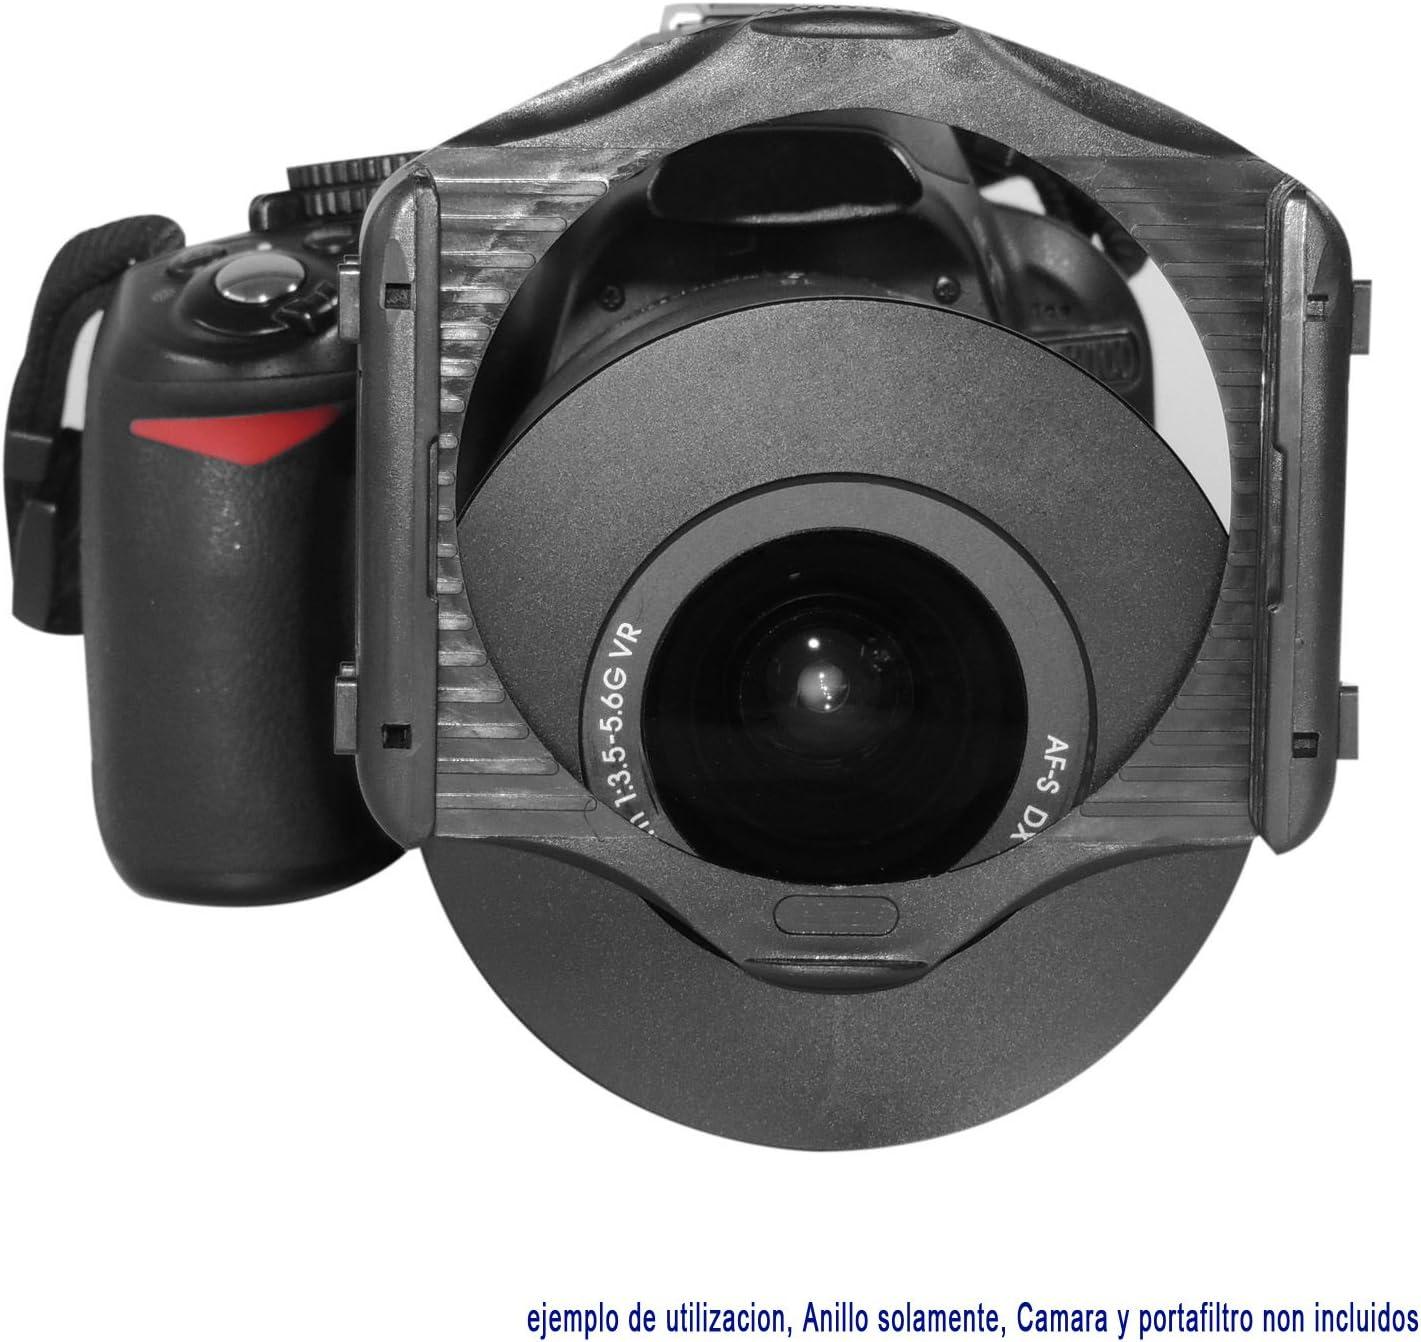 Anillo Adaptador Serie P Cokin 67mm: Amazon.es: Electrónica